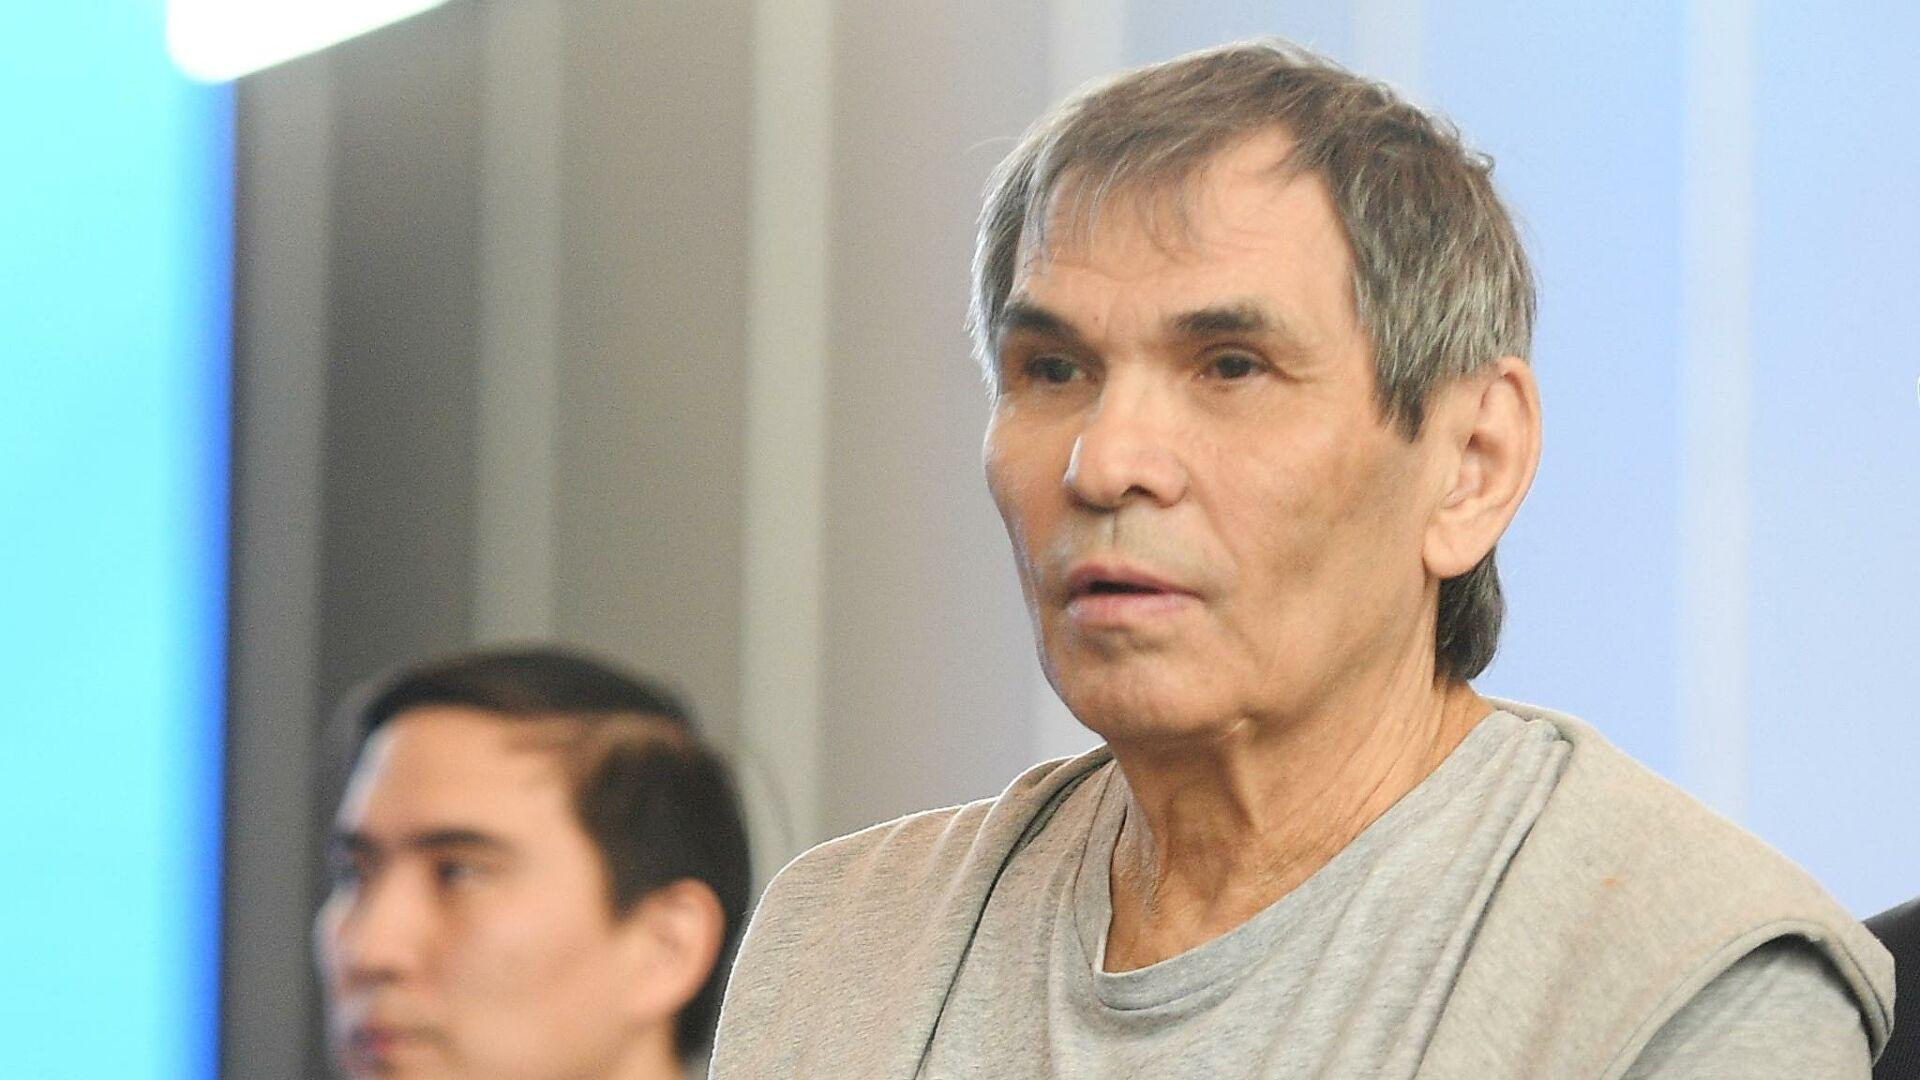 Бари Алибасов покинул Москву в инвалидном кресле